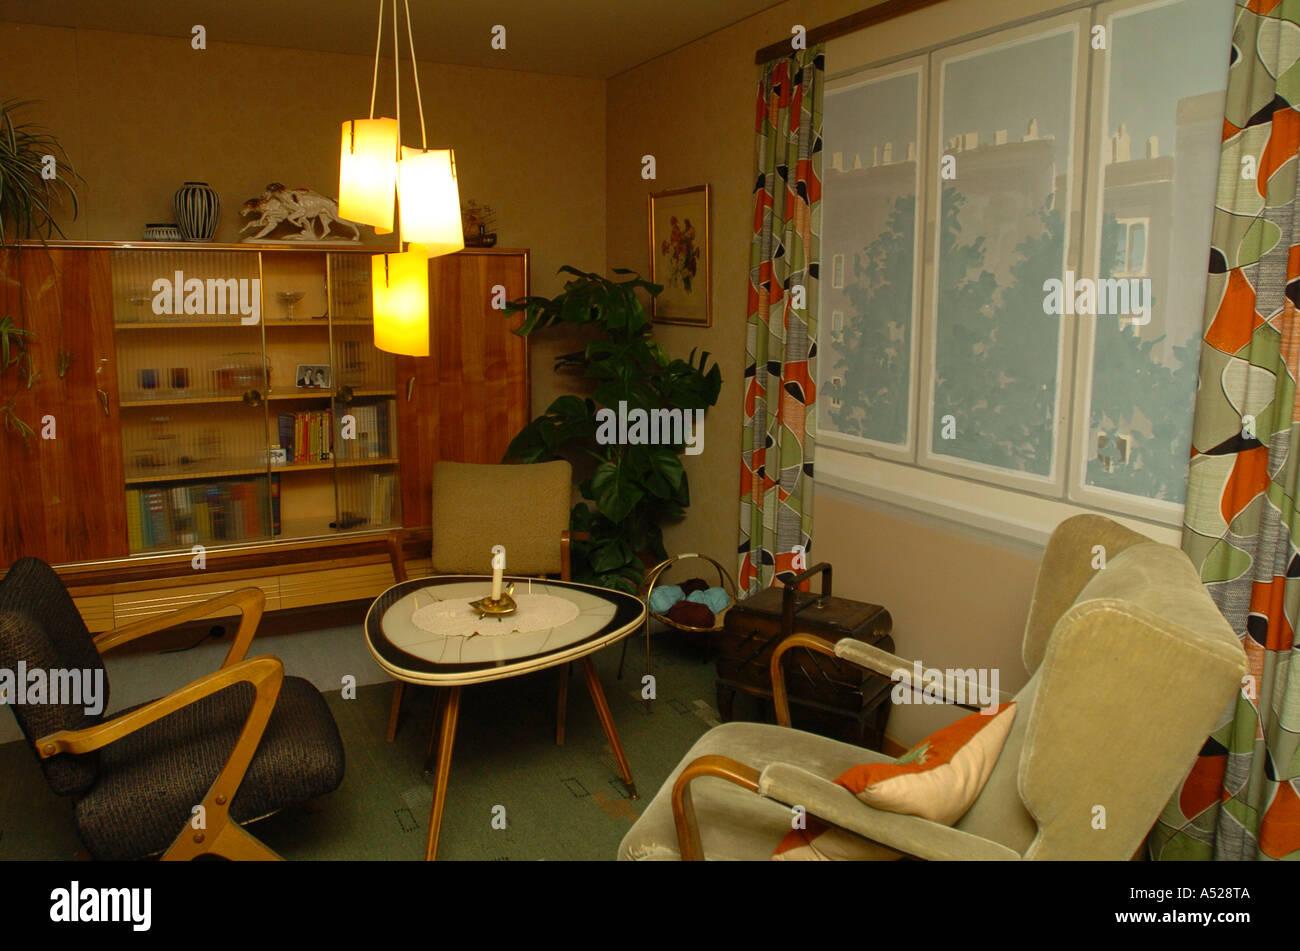 wohnung im 50er jahre stil wohnzimmer stockfoto bild On wohnzimmer 50er jahre stil